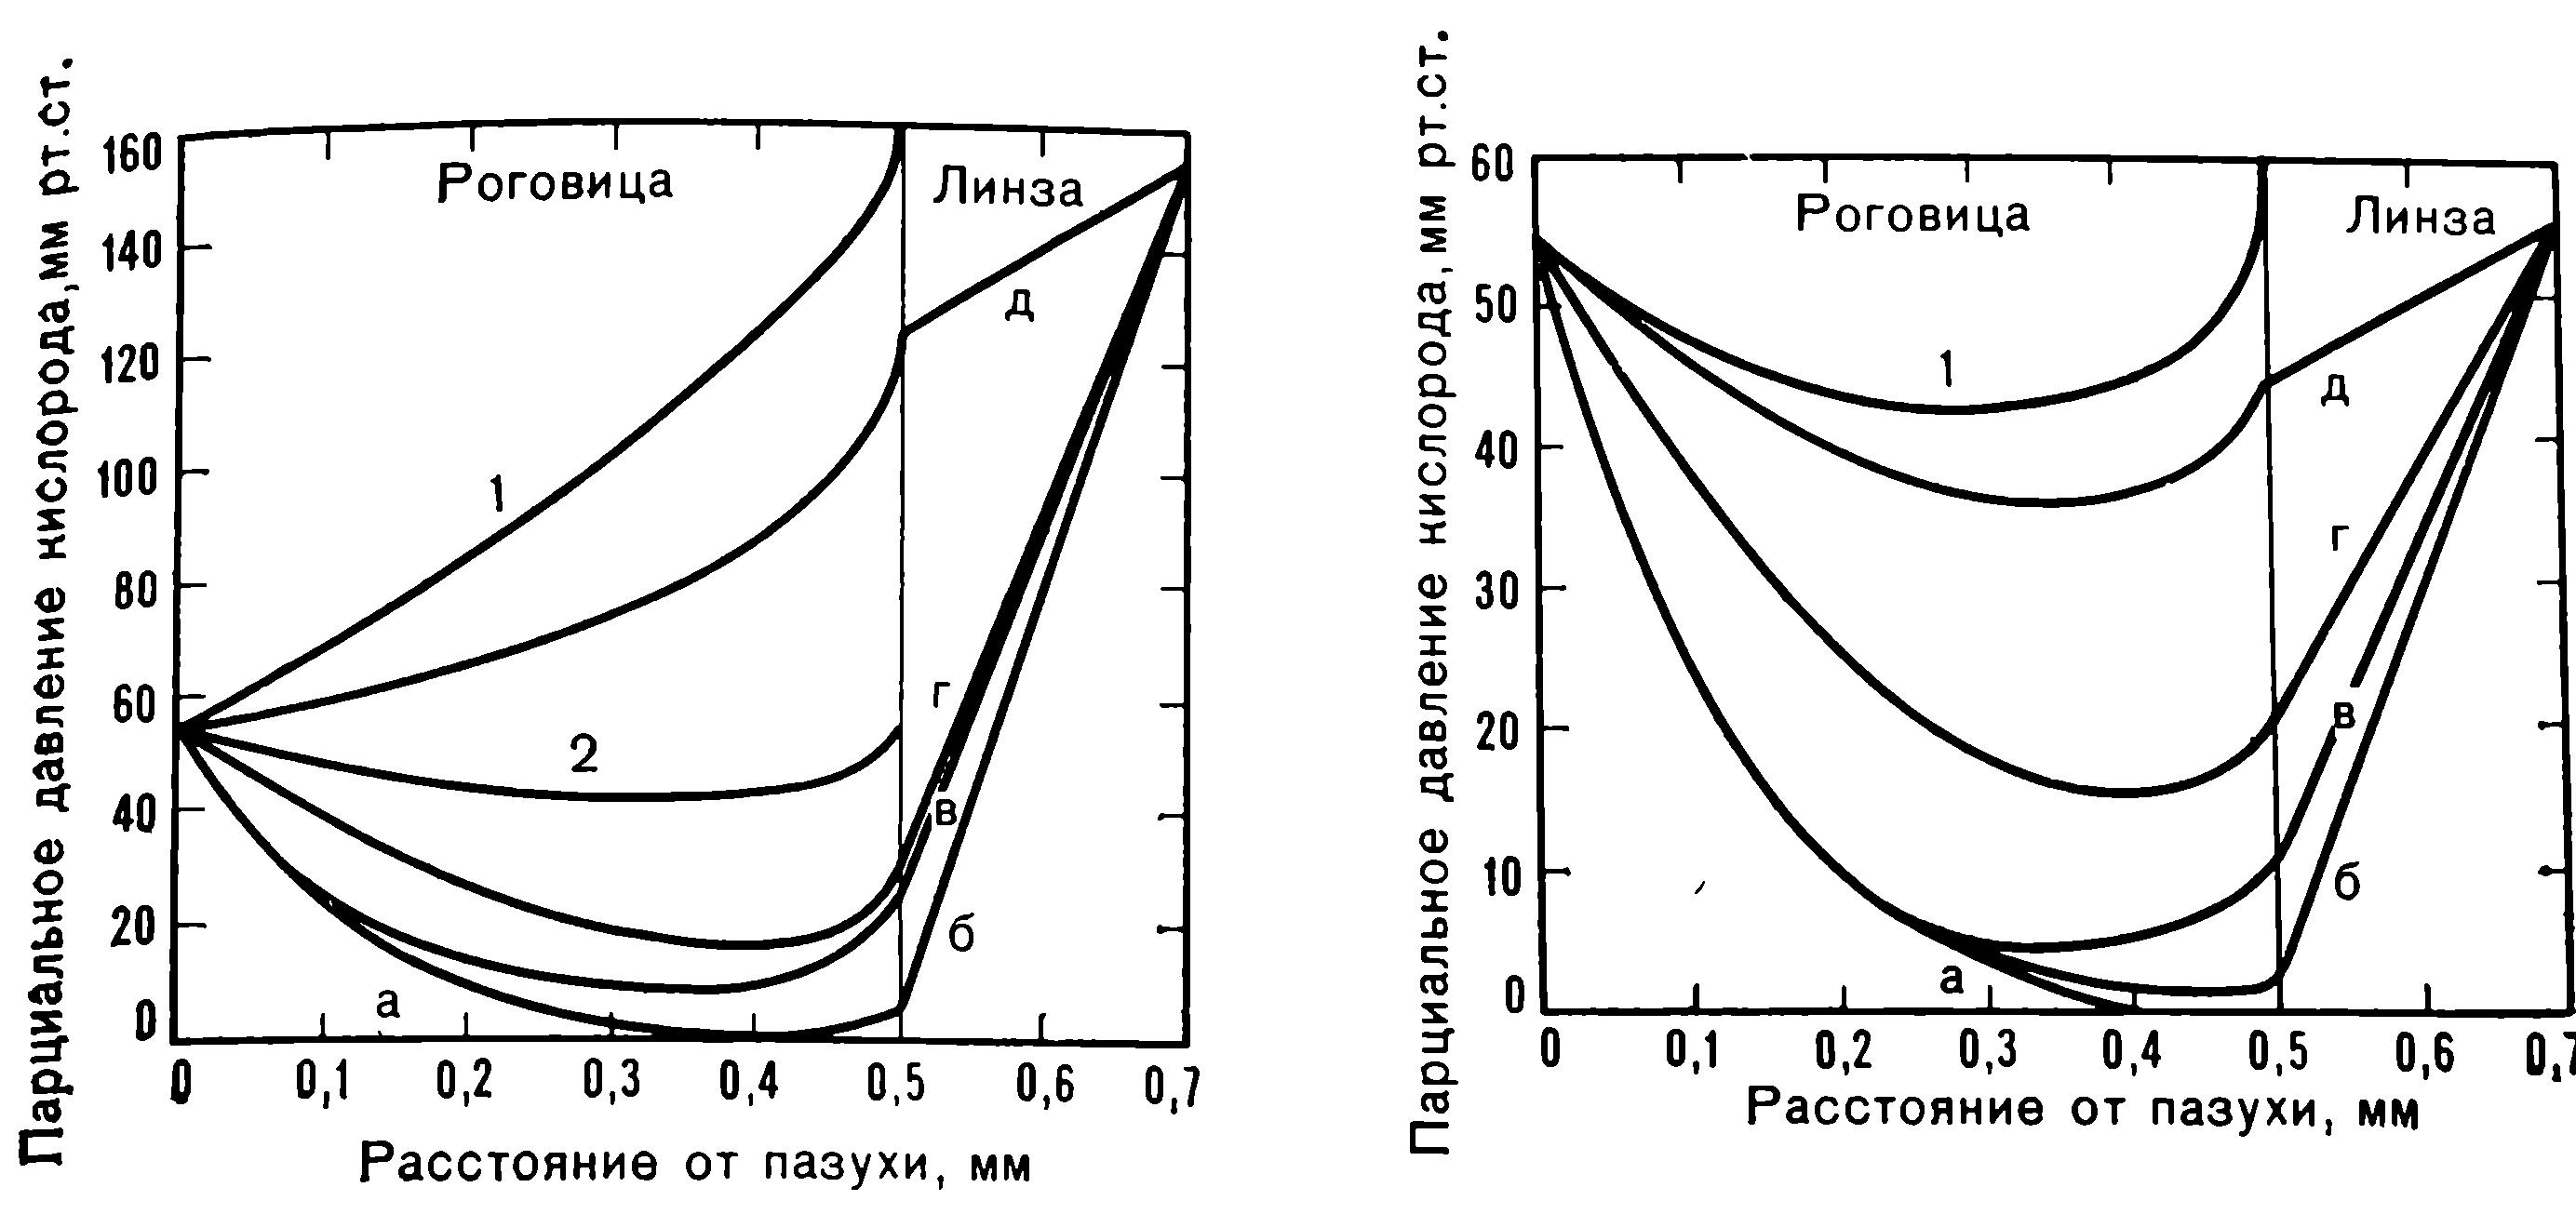 Парциальное давление кислорода в роговице при использовании мягкой контактной линзы толщиной 0,2 мм и диффузионная способность линзы по отношению к кислороду. Веко поднято